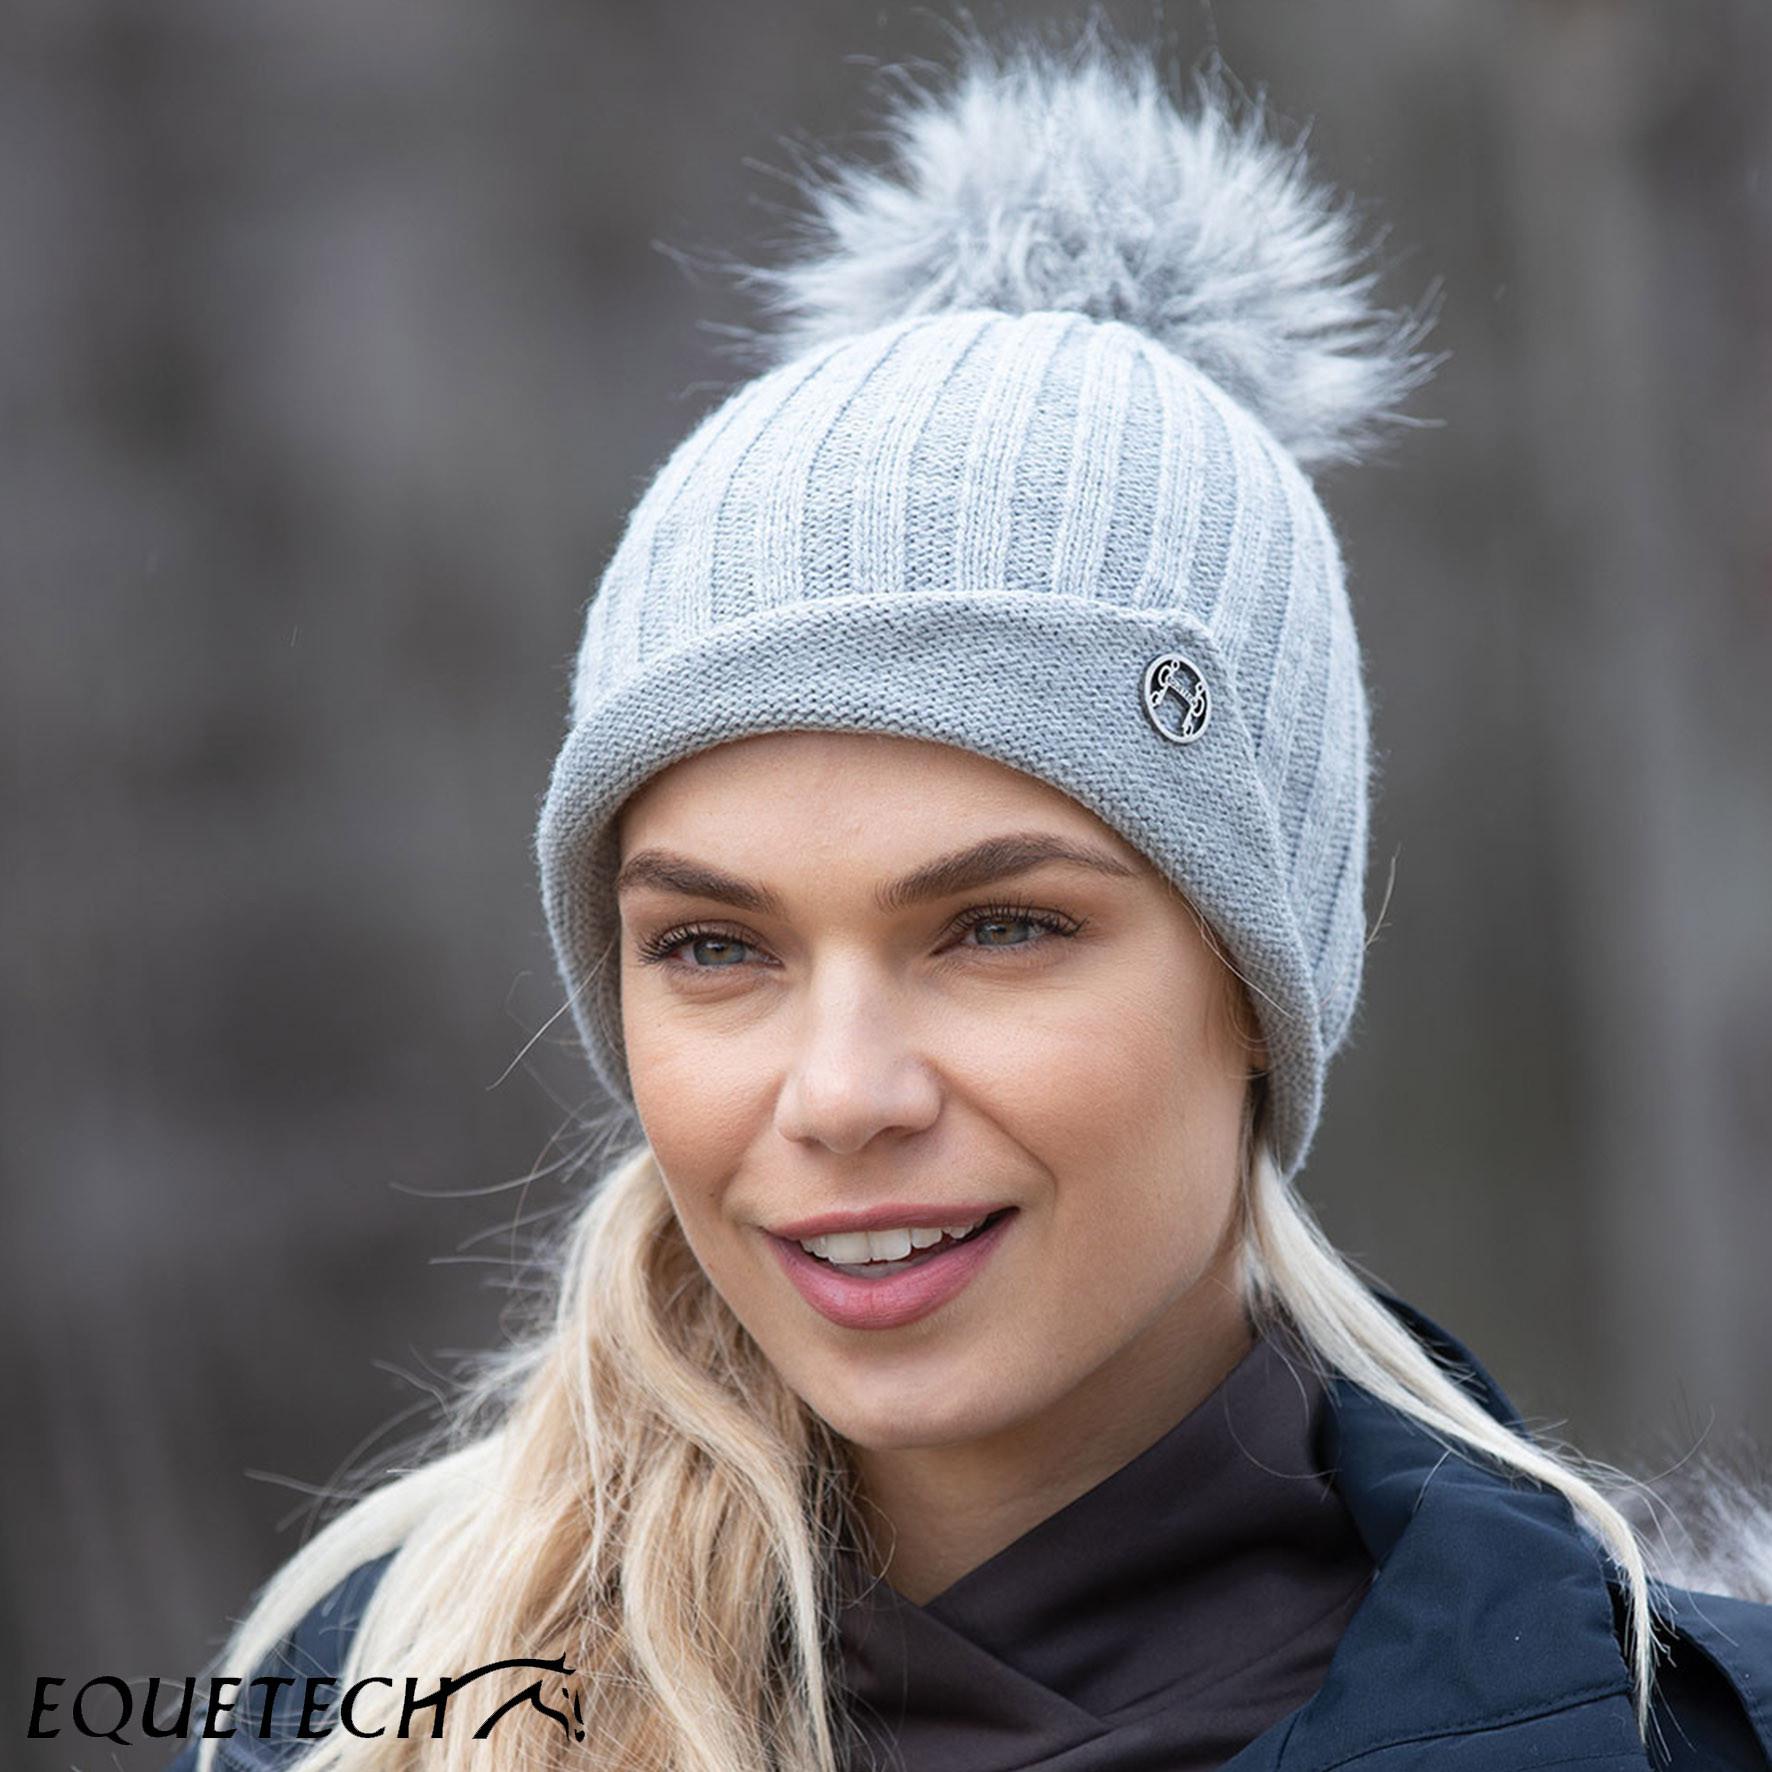 Prestwick Pom Knit Hat